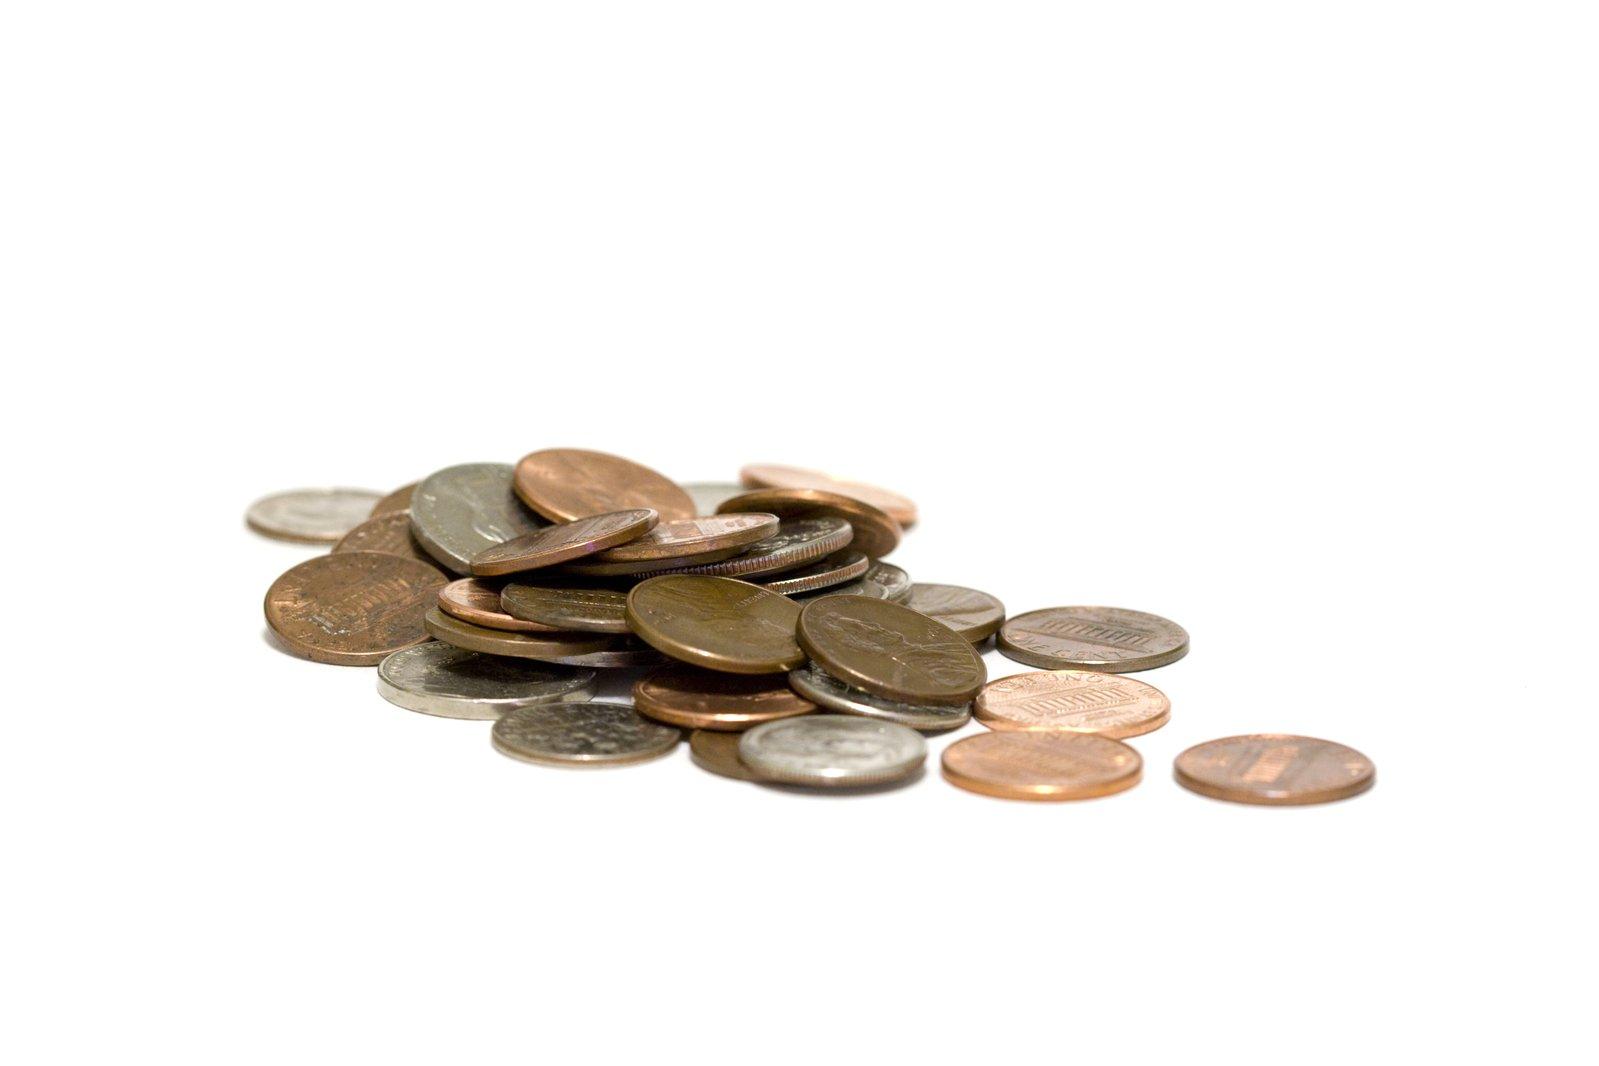 Dona tu cambio - Todas tus donaciones son valiosas